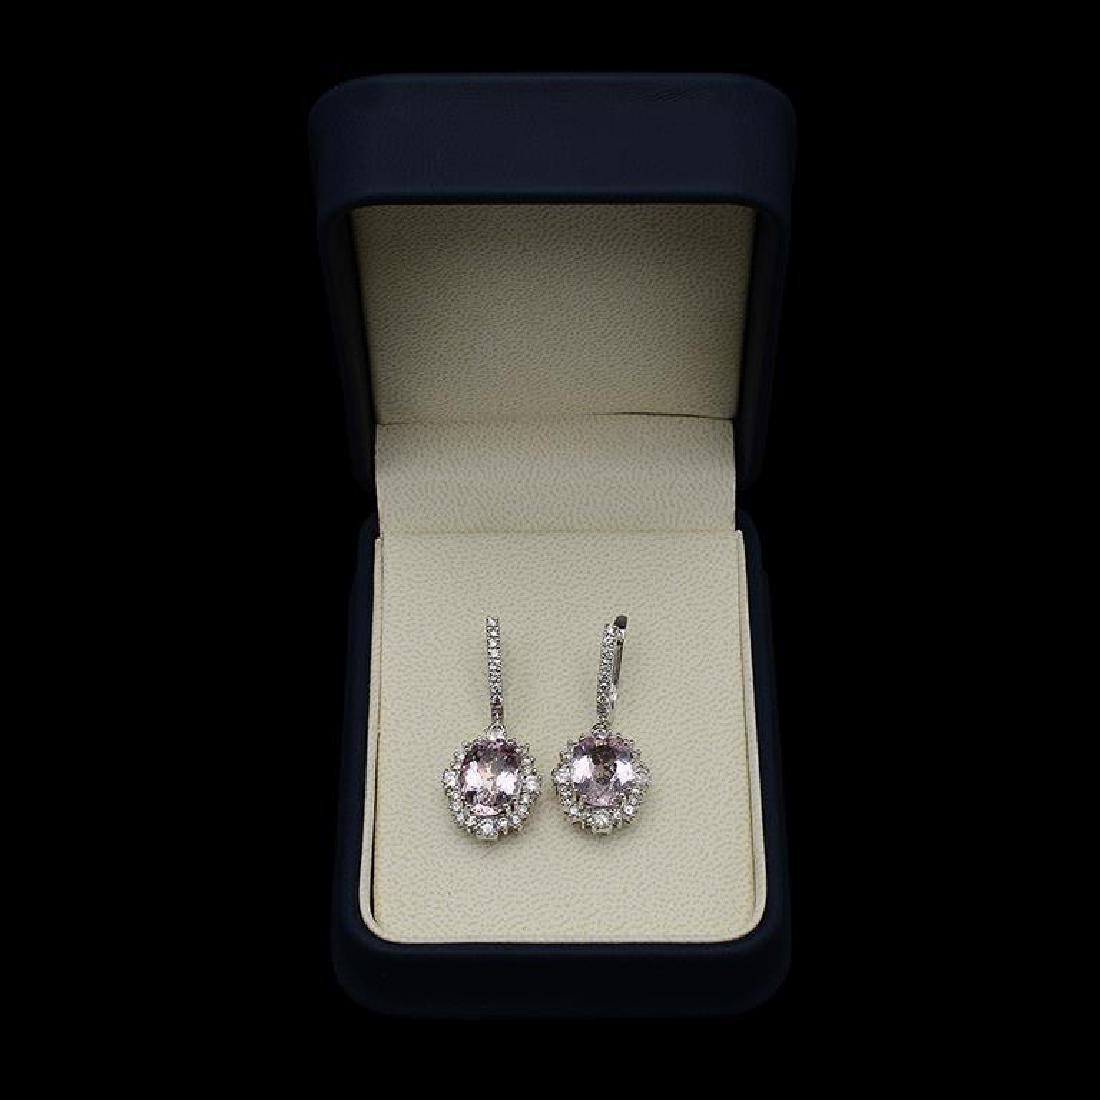 14K Gold 10.66ct Morganite 2.35ct Diamond Earrings - 2